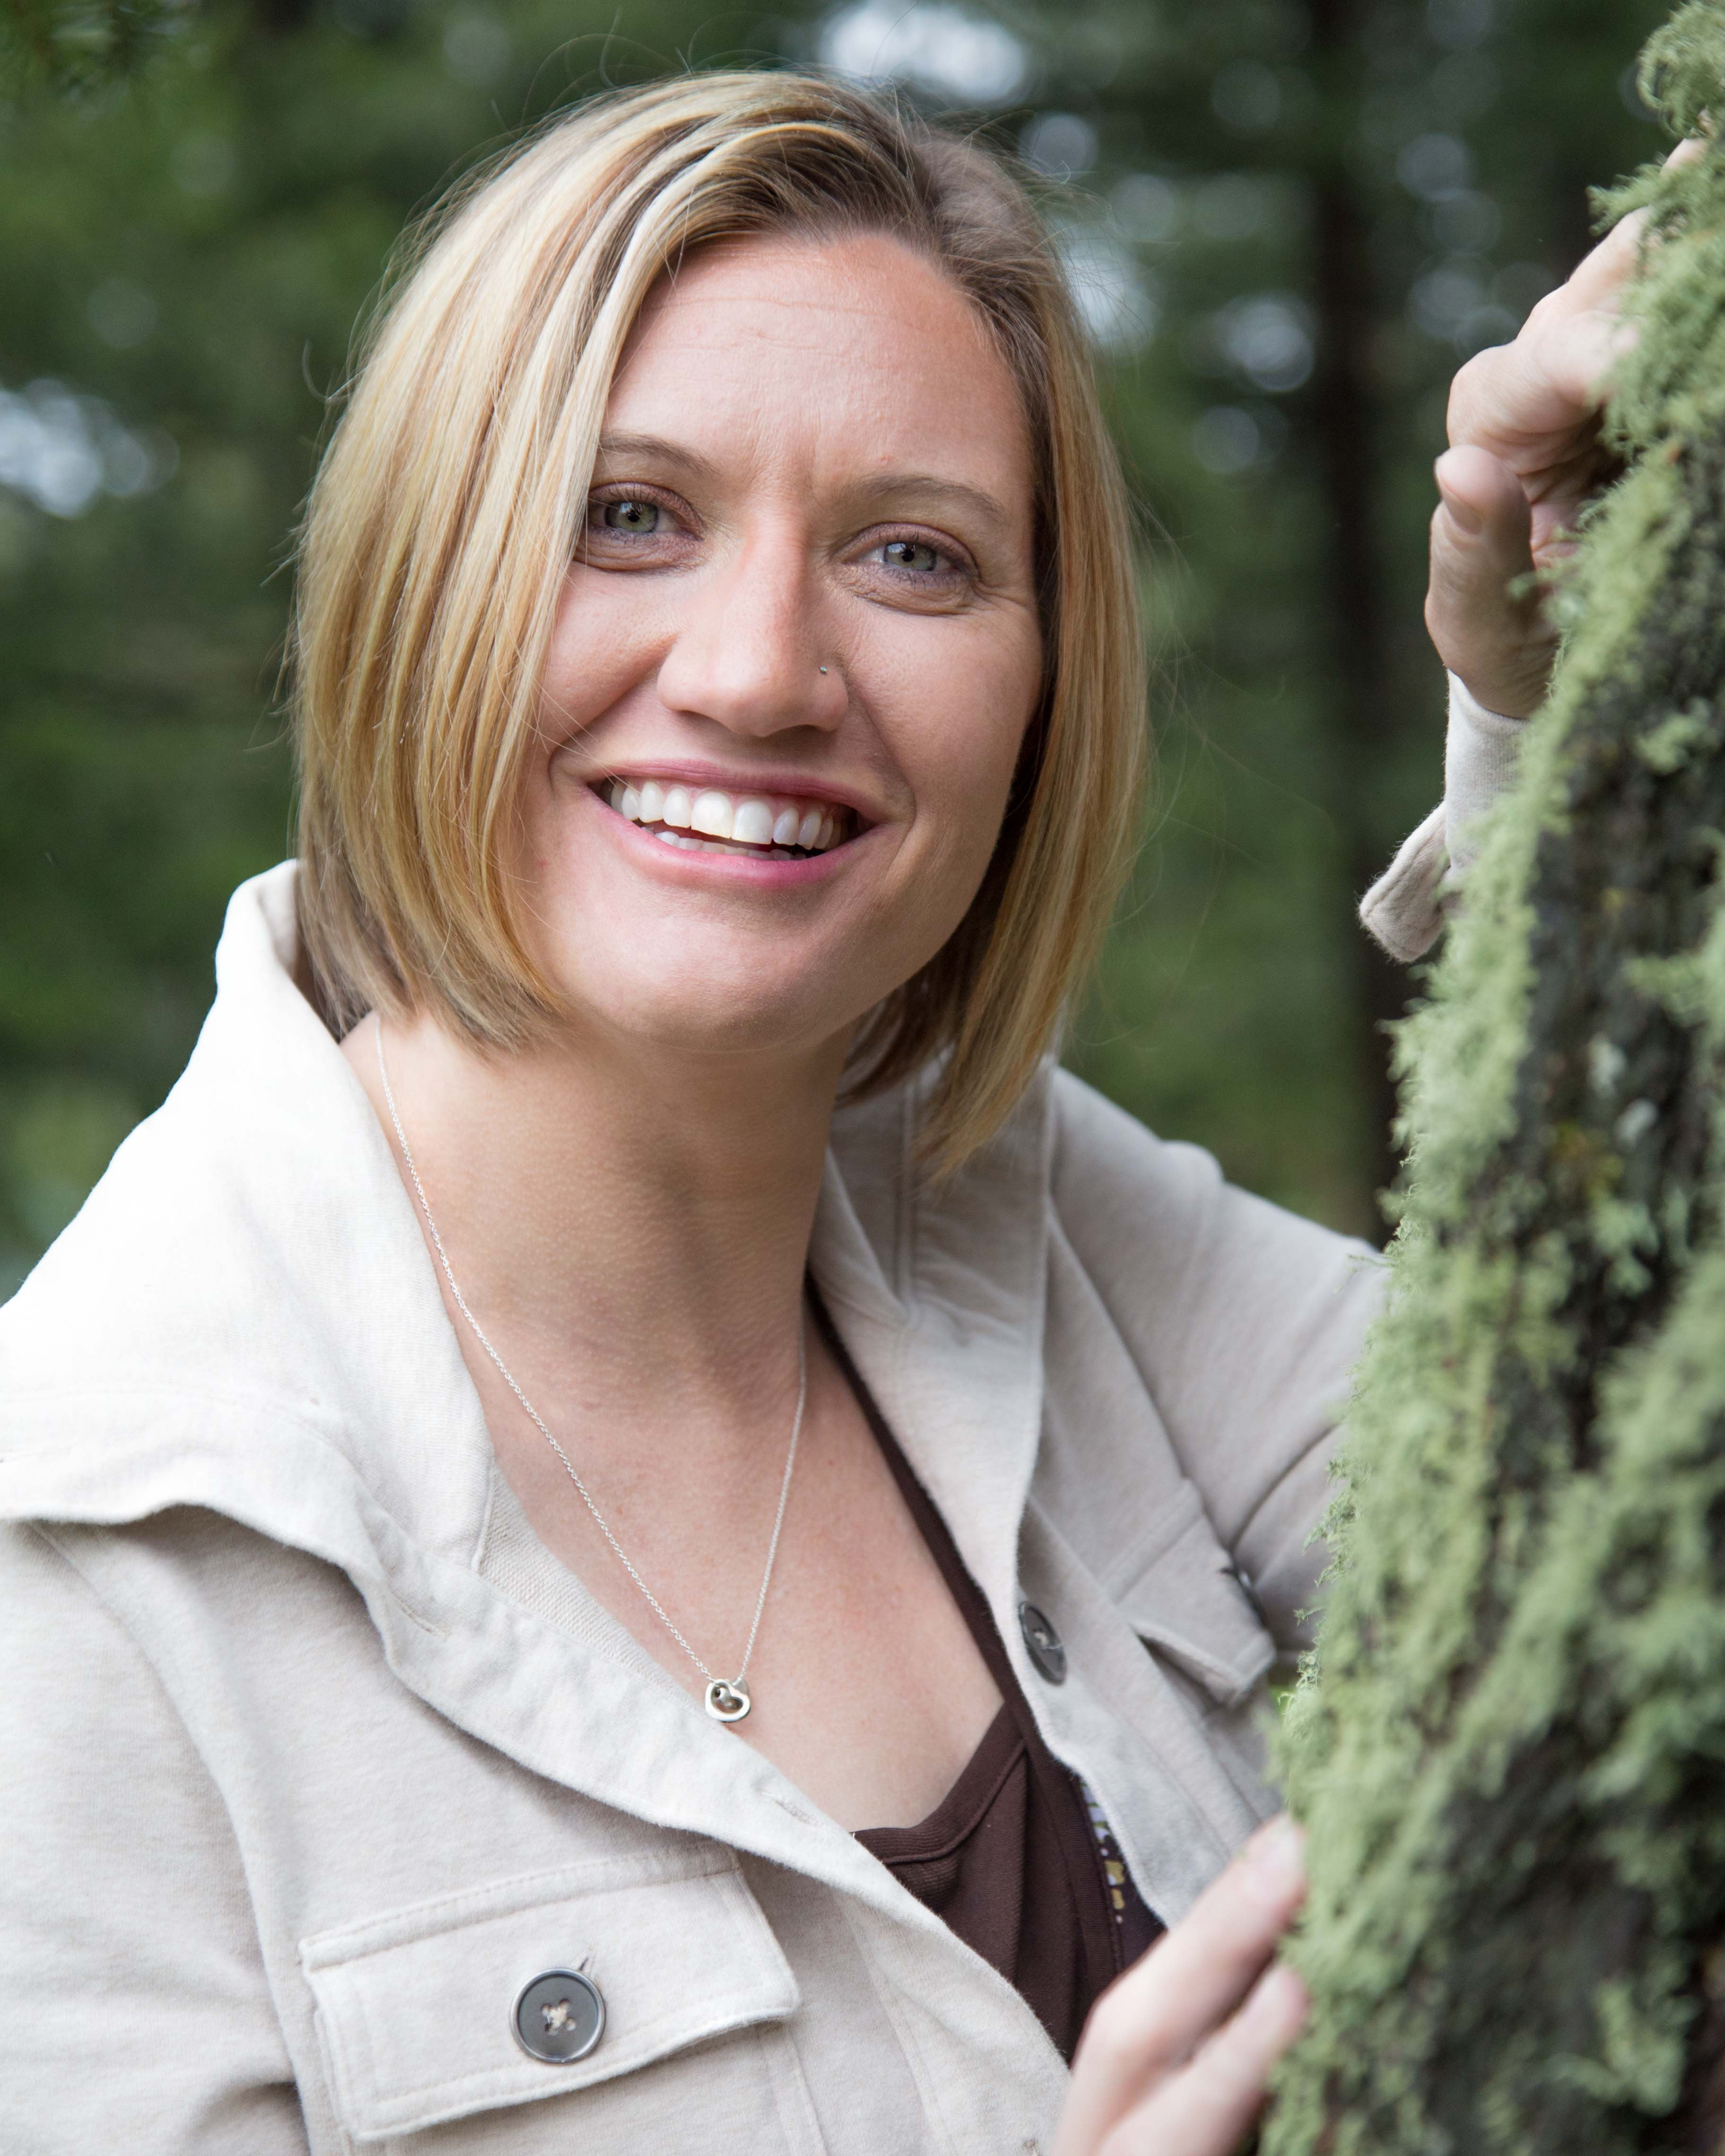 Jeanie Boymel